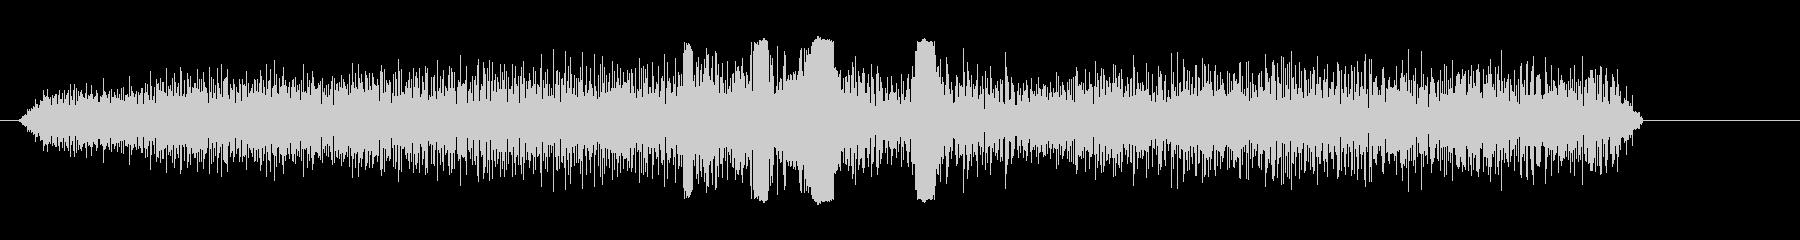 ドラッグスター;アイドル/回転、2...の未再生の波形